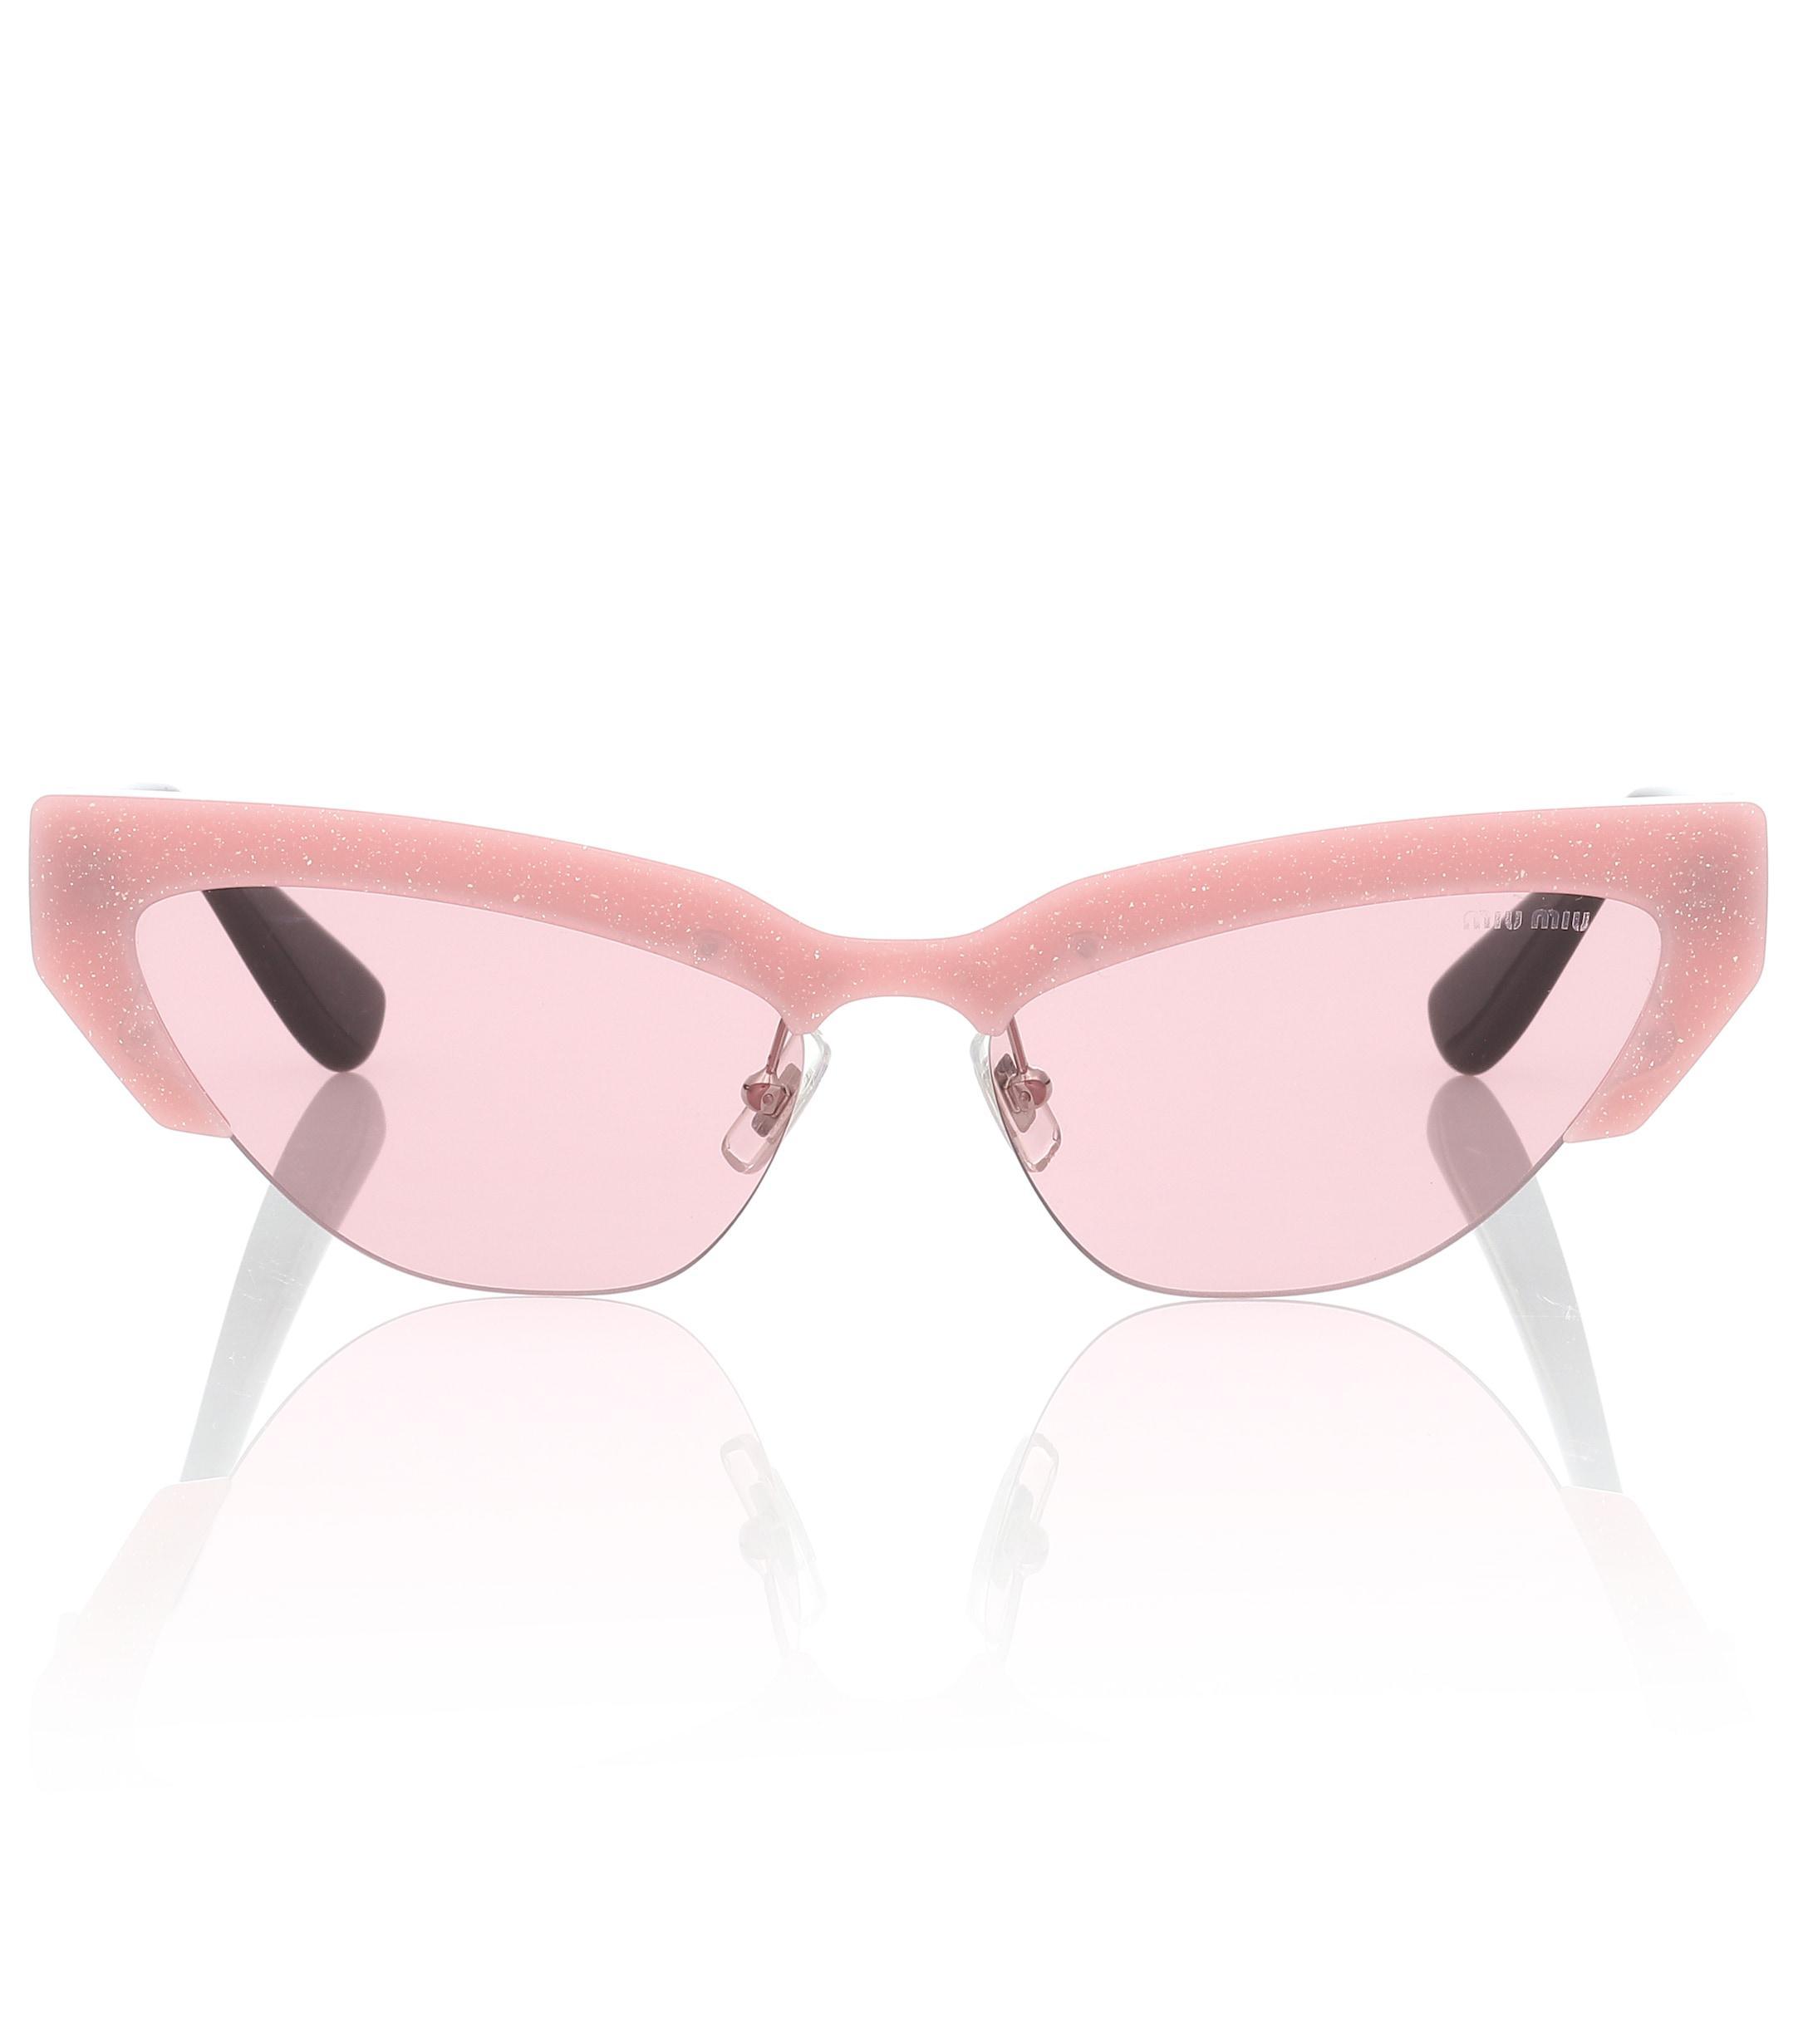 Miu Miu. Gafas de sol cat-eye de mujer de color rosa 1d5e3a5661